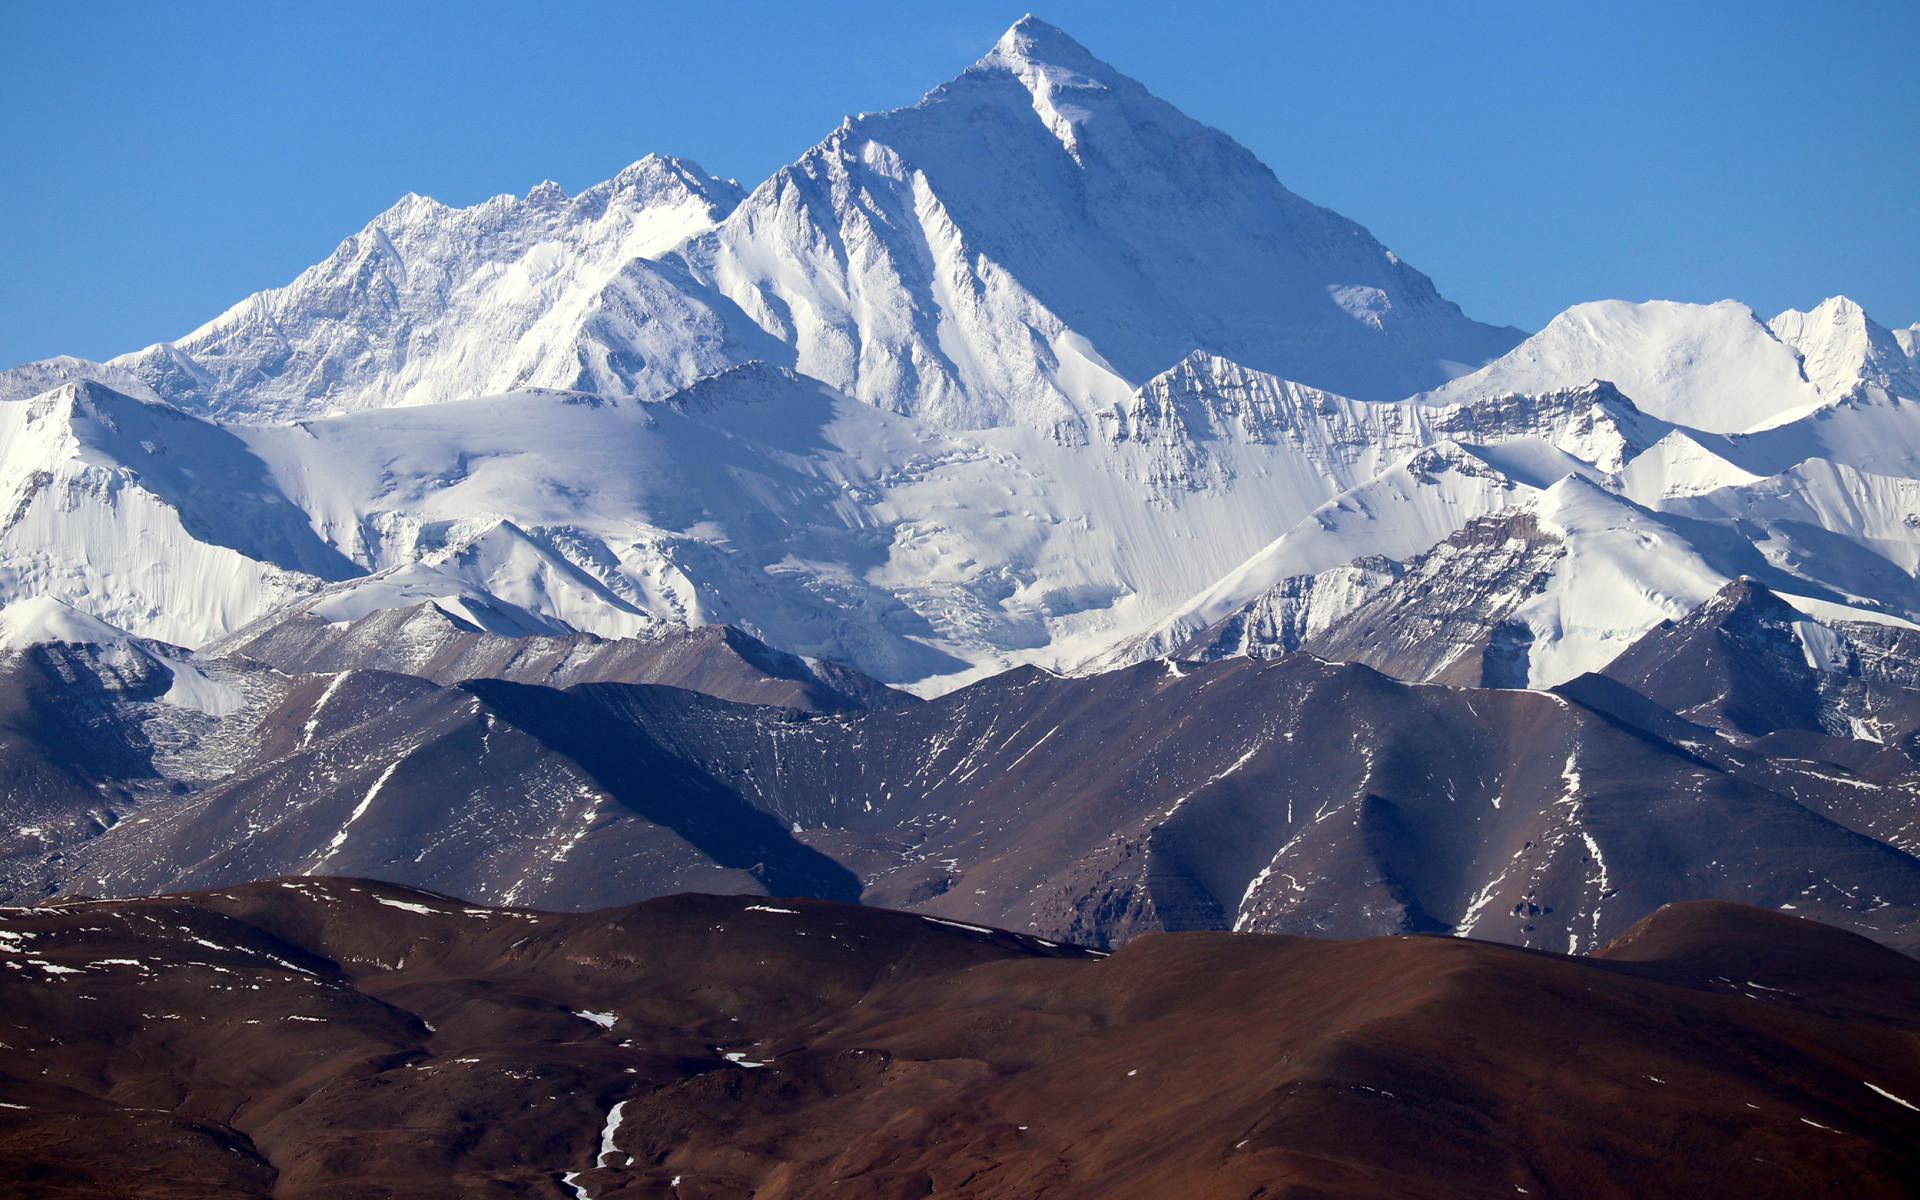 La montagna più alta del mondo non smette di esercitare il suo fascino.